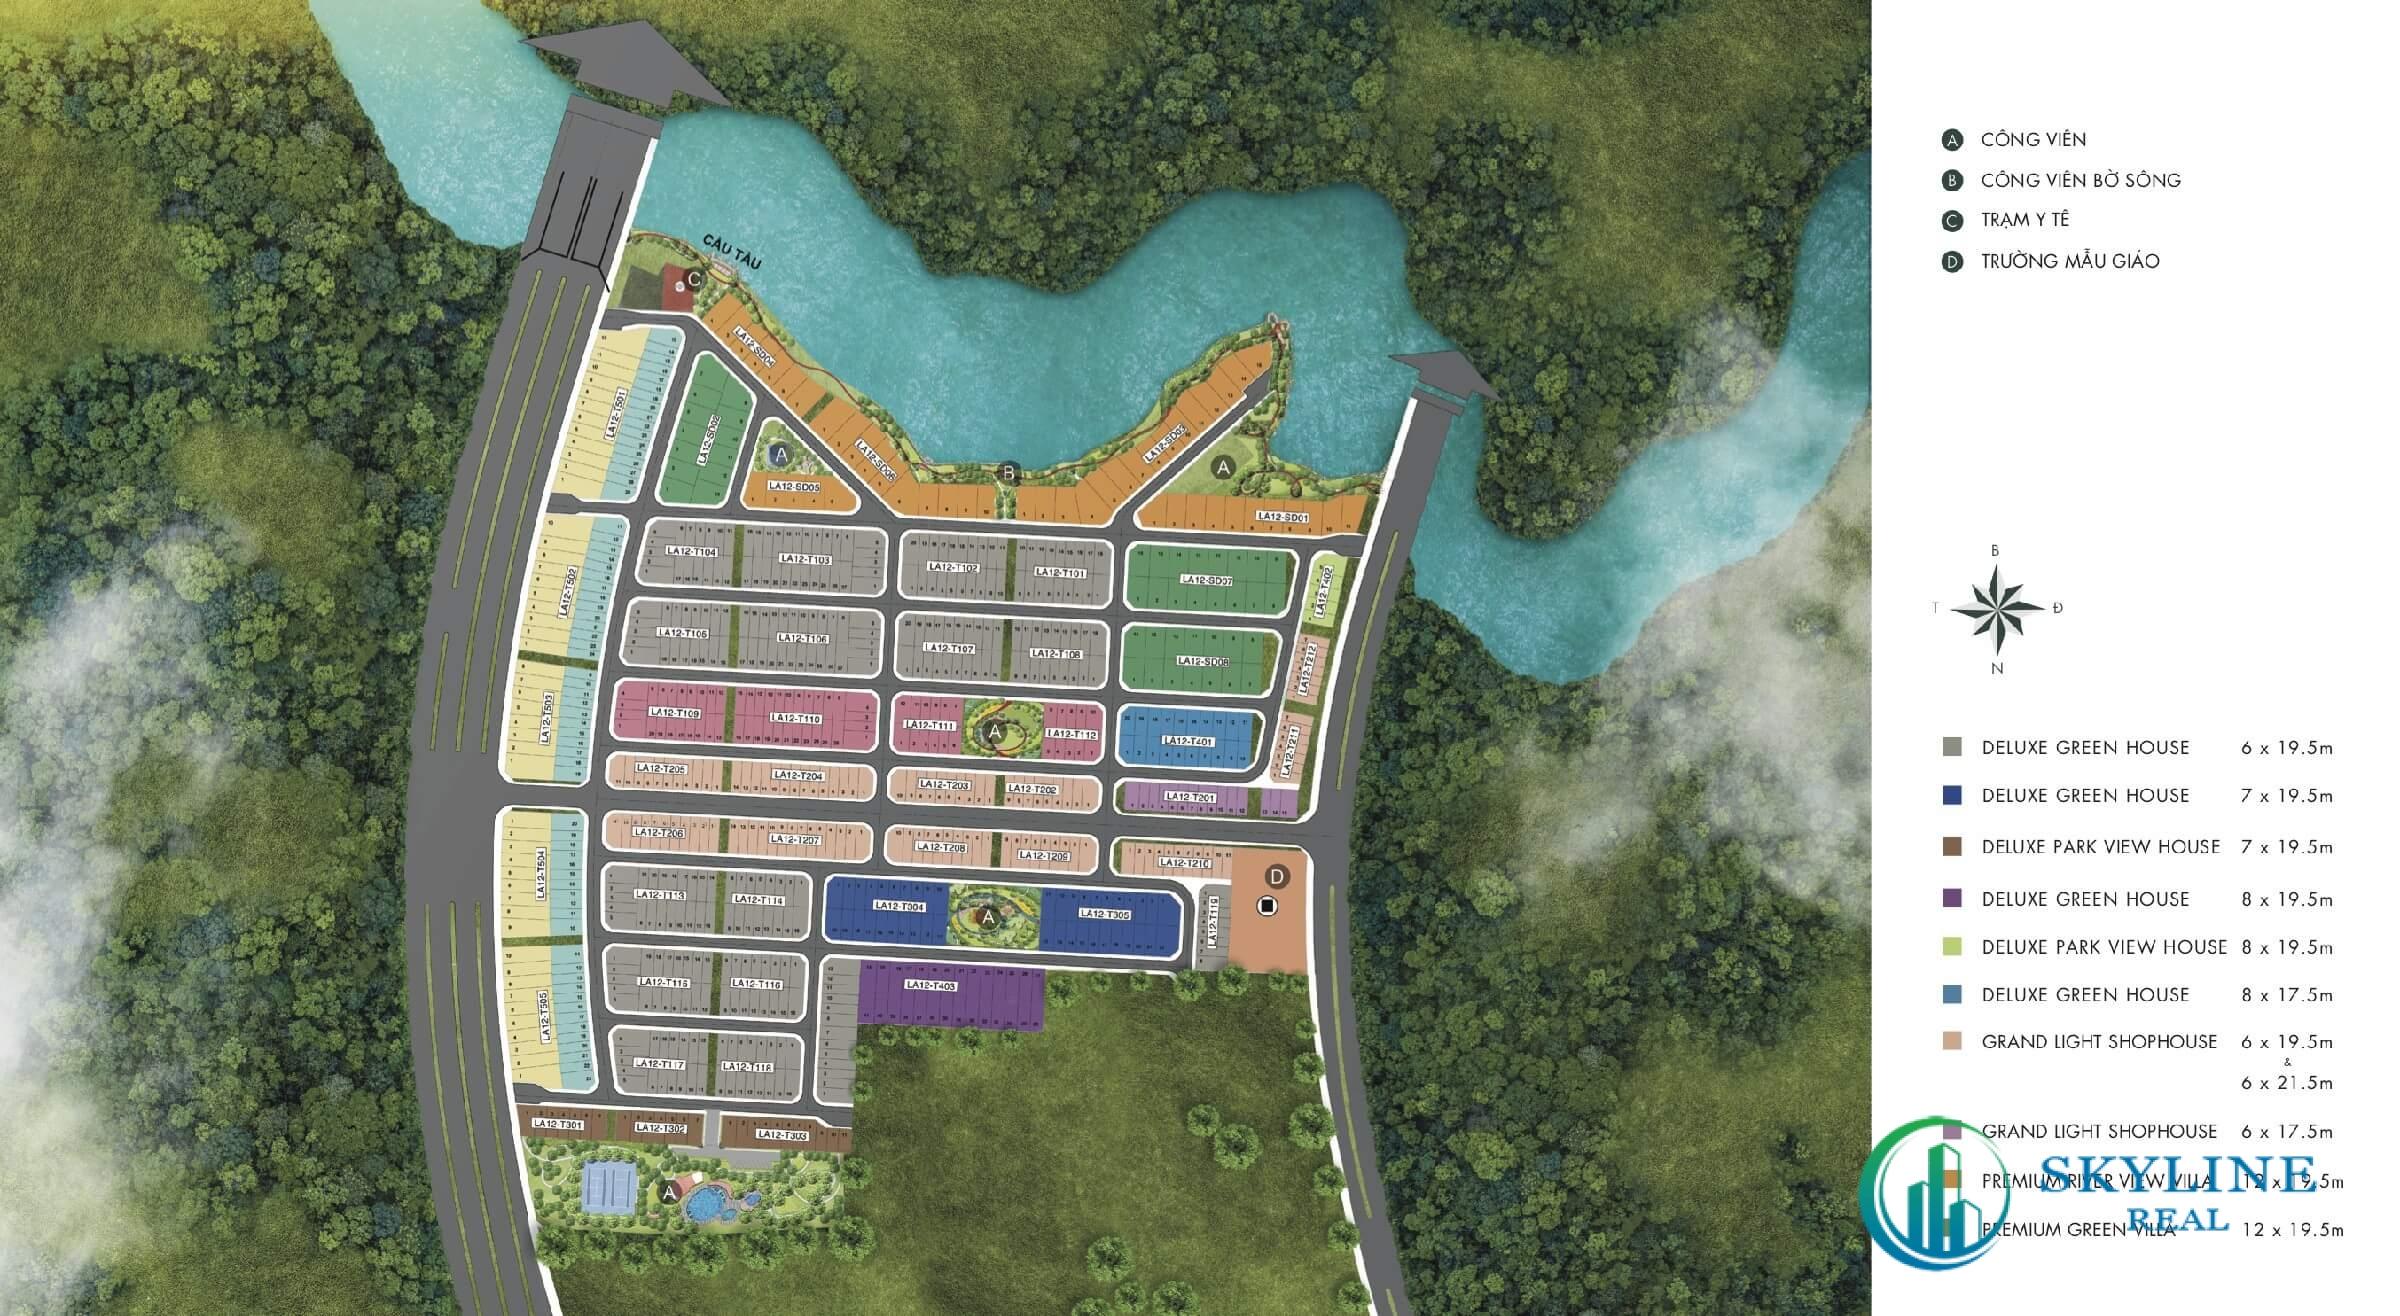 Mặt bằng chi tiết phân khu River Park 1 Aqua City Đồng Nai chủ đầu tư Novaland